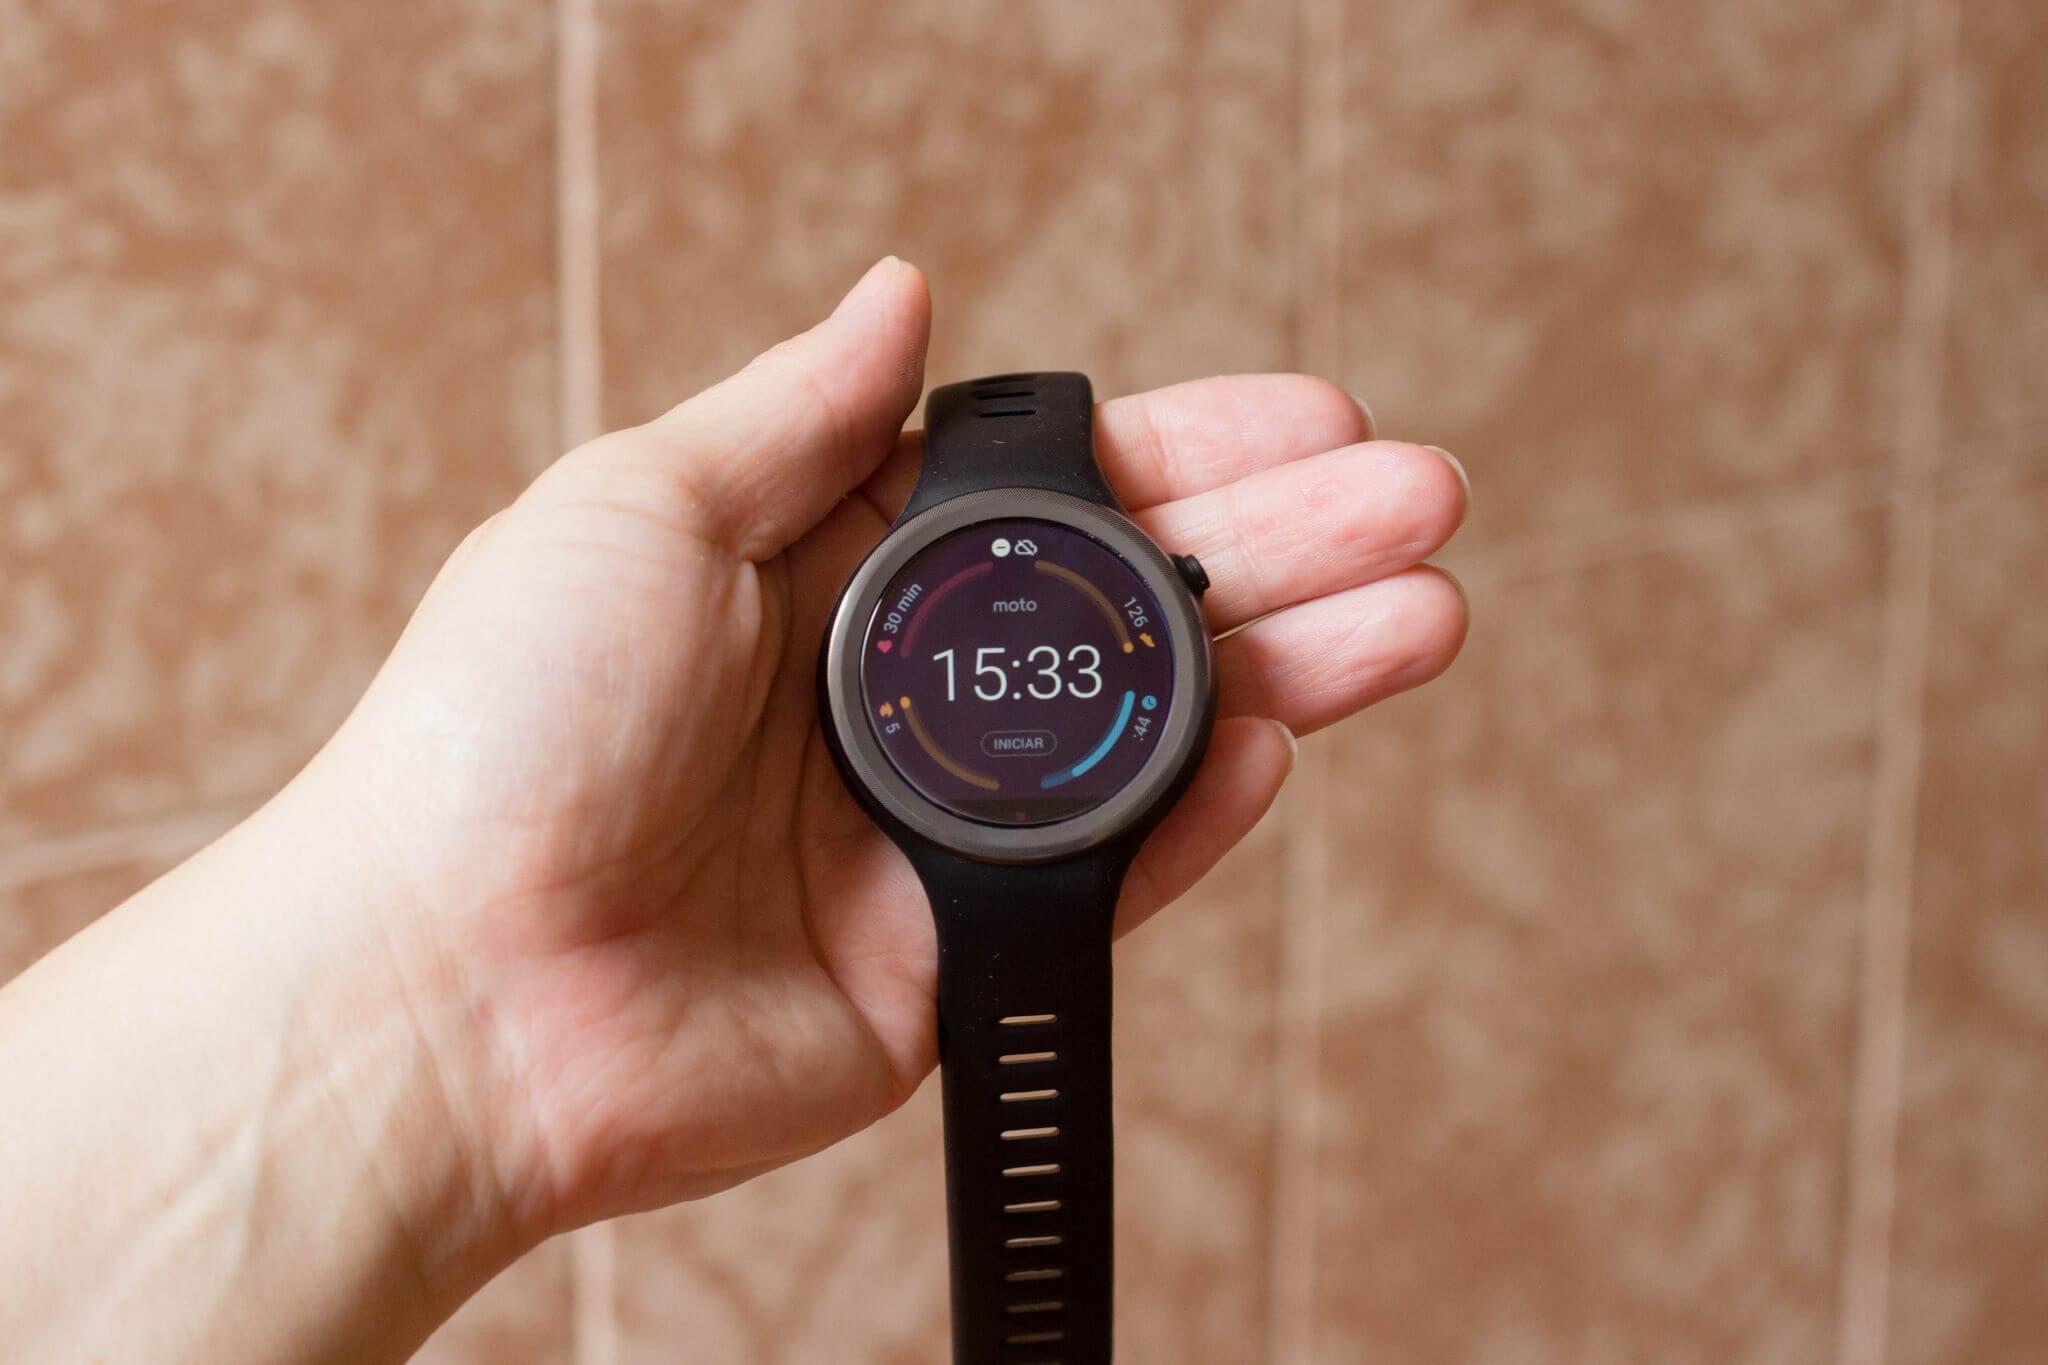 moto 360 sport 12 - Review: Moto 360 Sport, um smartwatch independente do seu celular